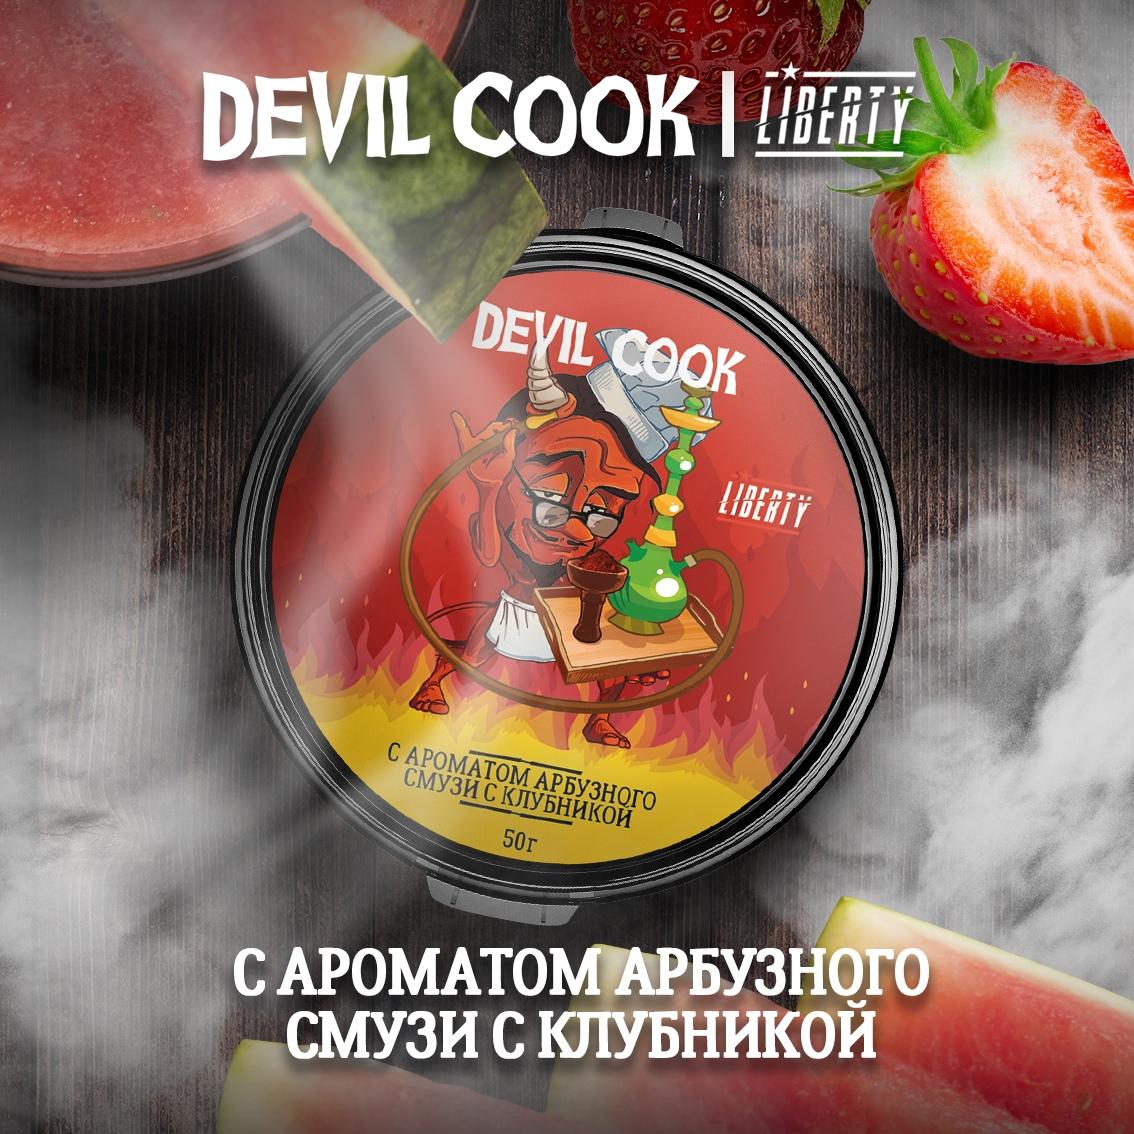 Оптовый поставщик табака для кальяна какие сигареты купить в москве